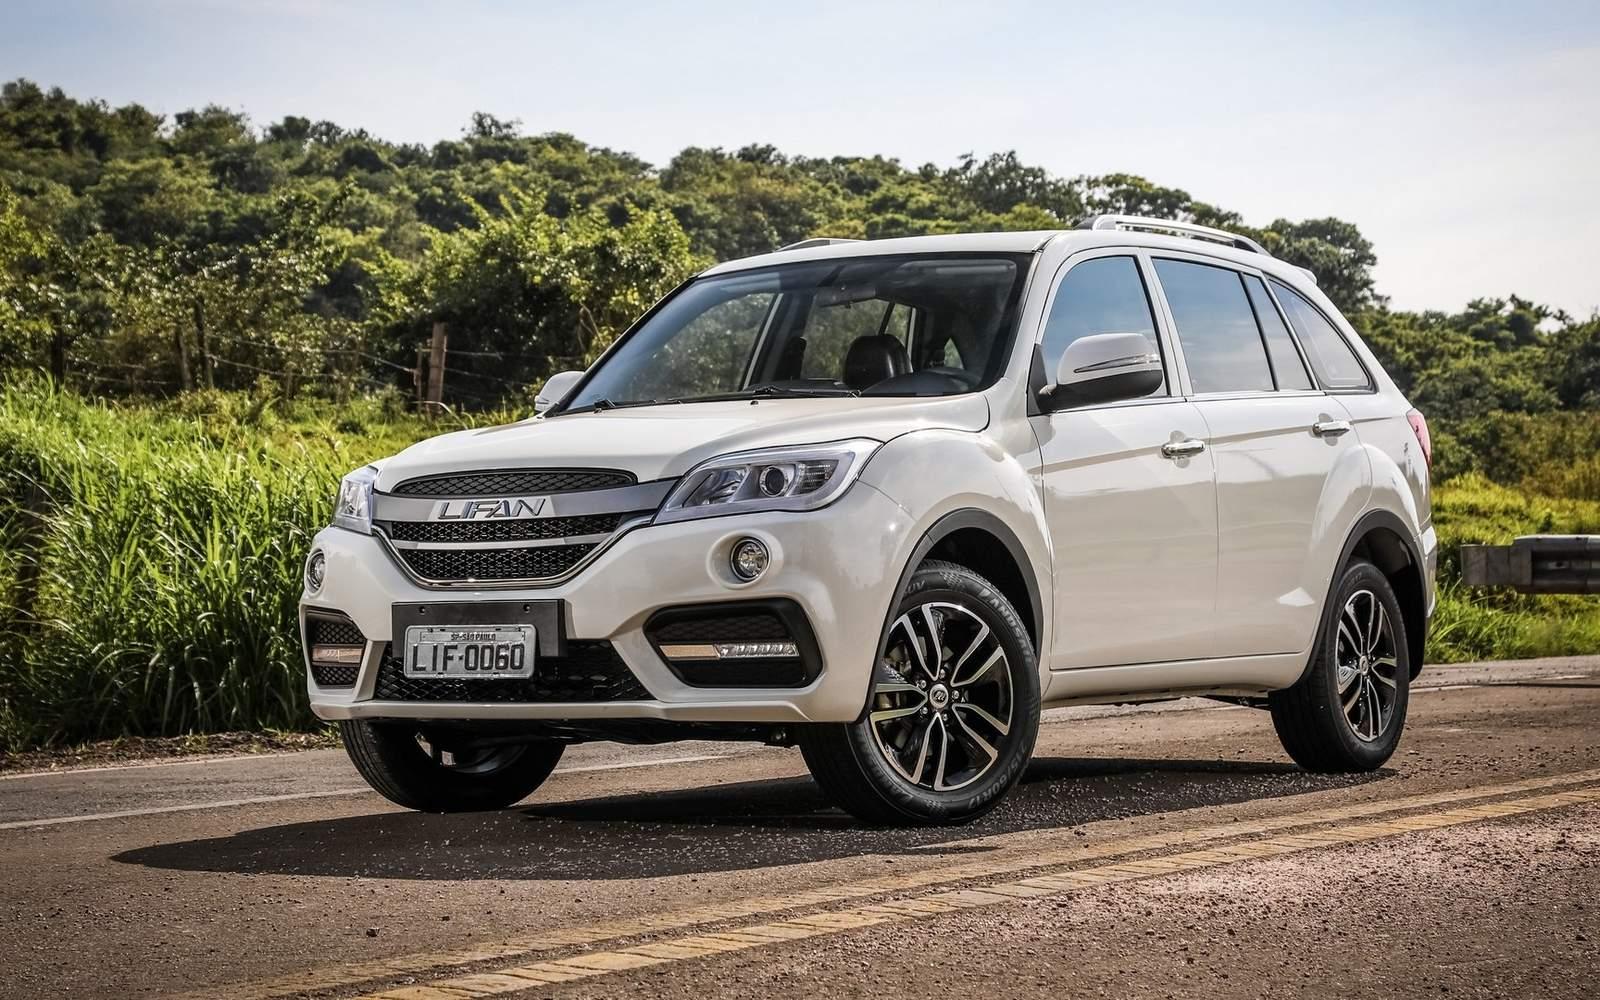 Появился рейтинг самых реализуемых китайских авто в РФ